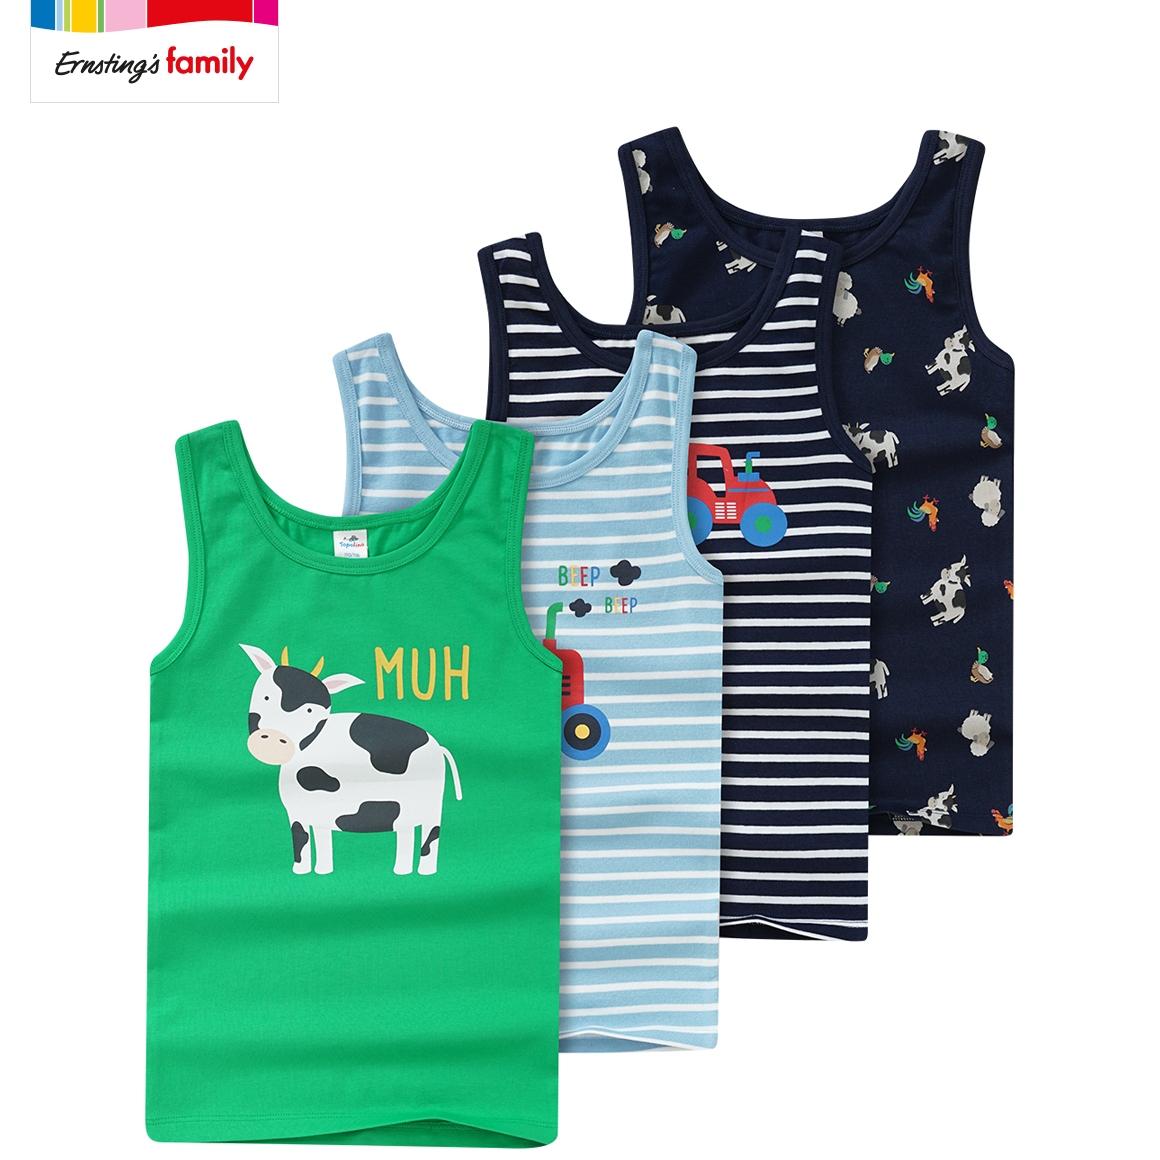 Kleinkinder Jungen Unterhemden, 4er Pack